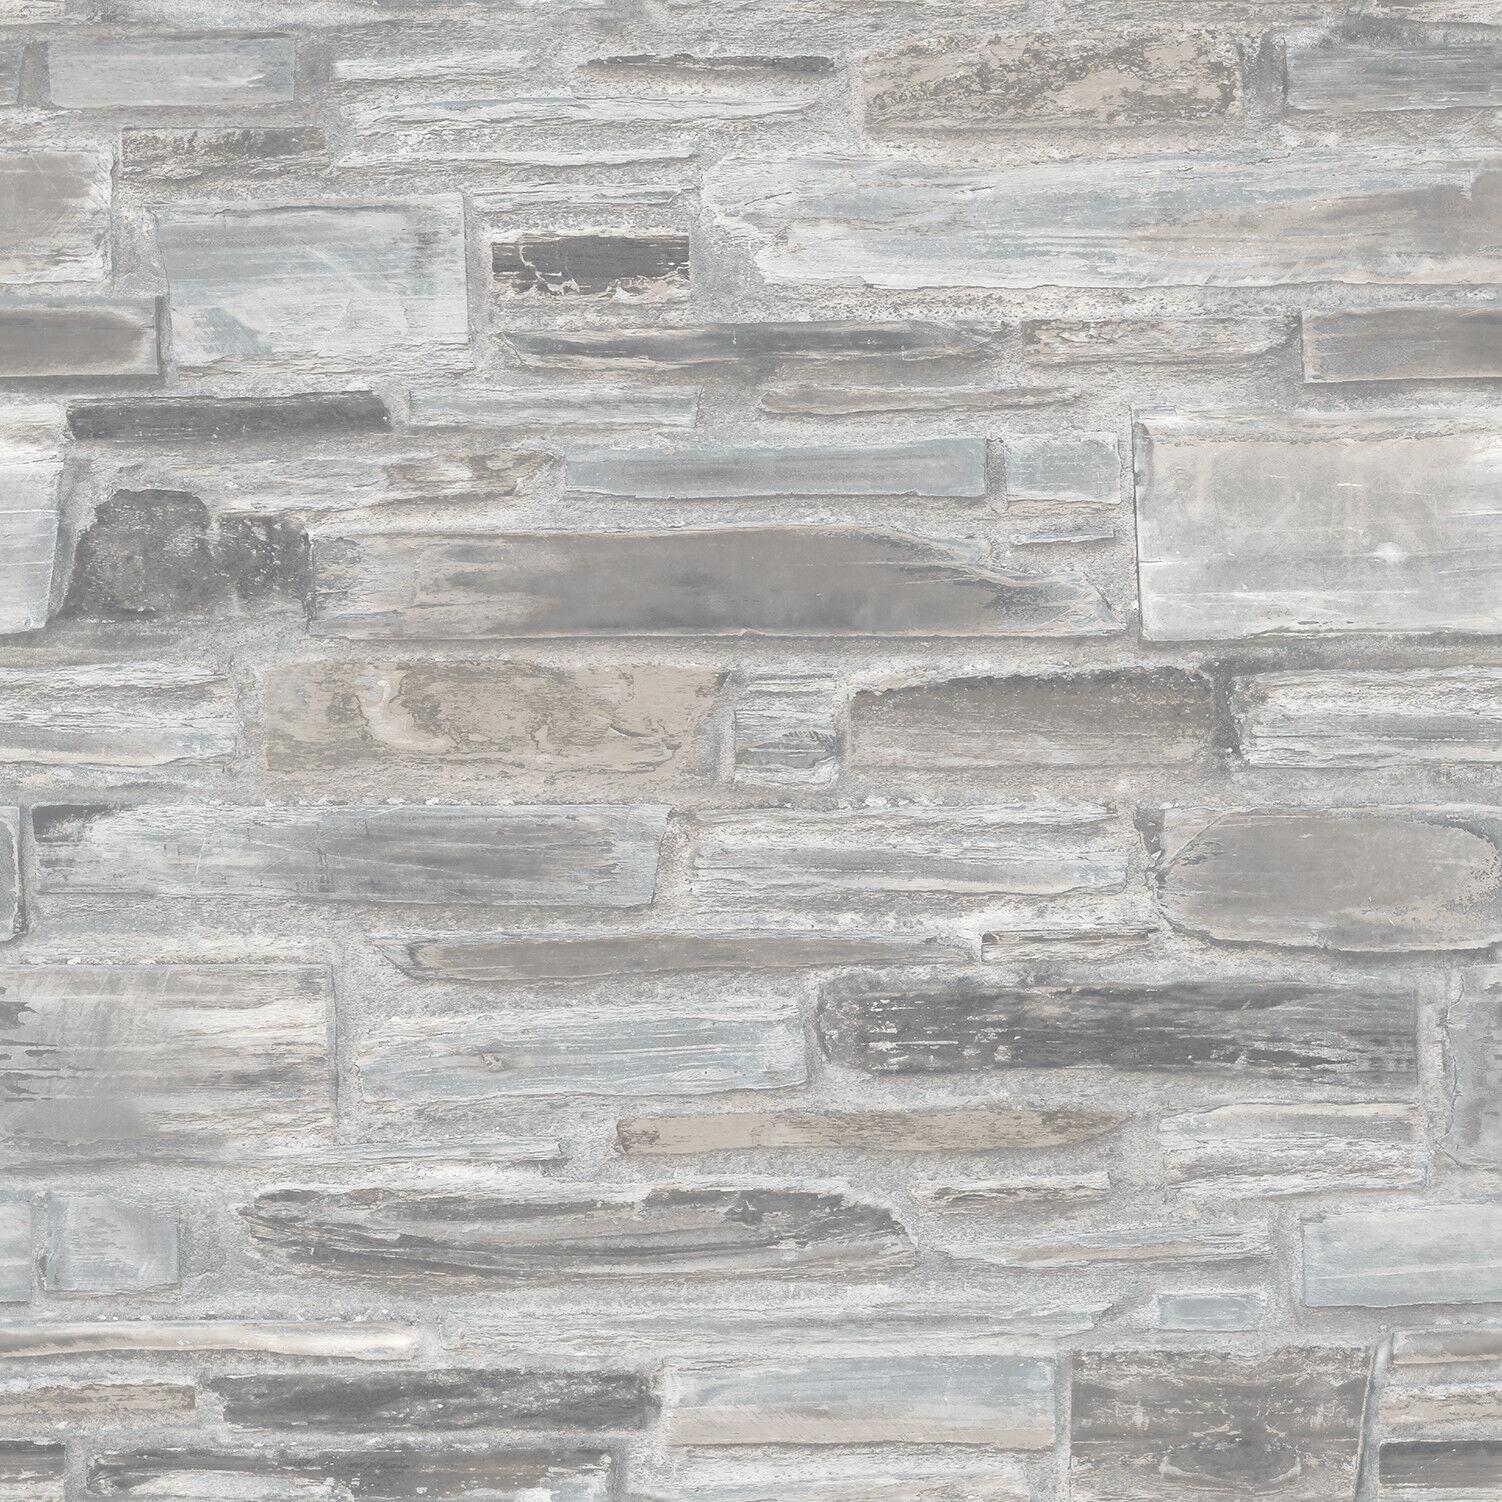 Vlies Tapete Bruchstein Mauer Ziegelstein Klinker grau weiß terra A28902 brick